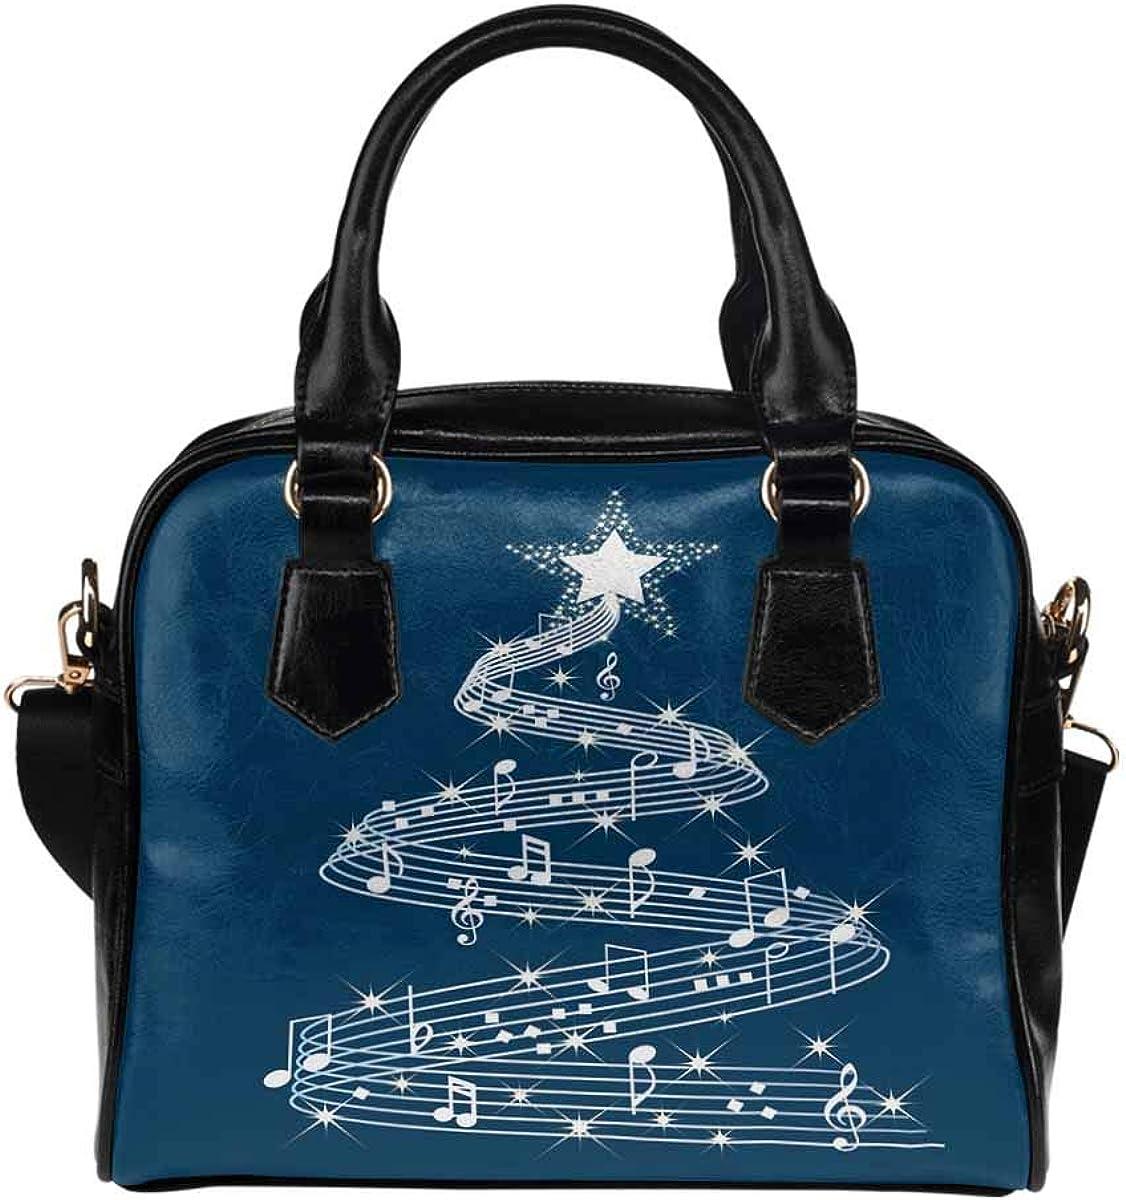 InterestPrint Novelty Design Women's PU Leather Purse Handbag Shoulder Bag